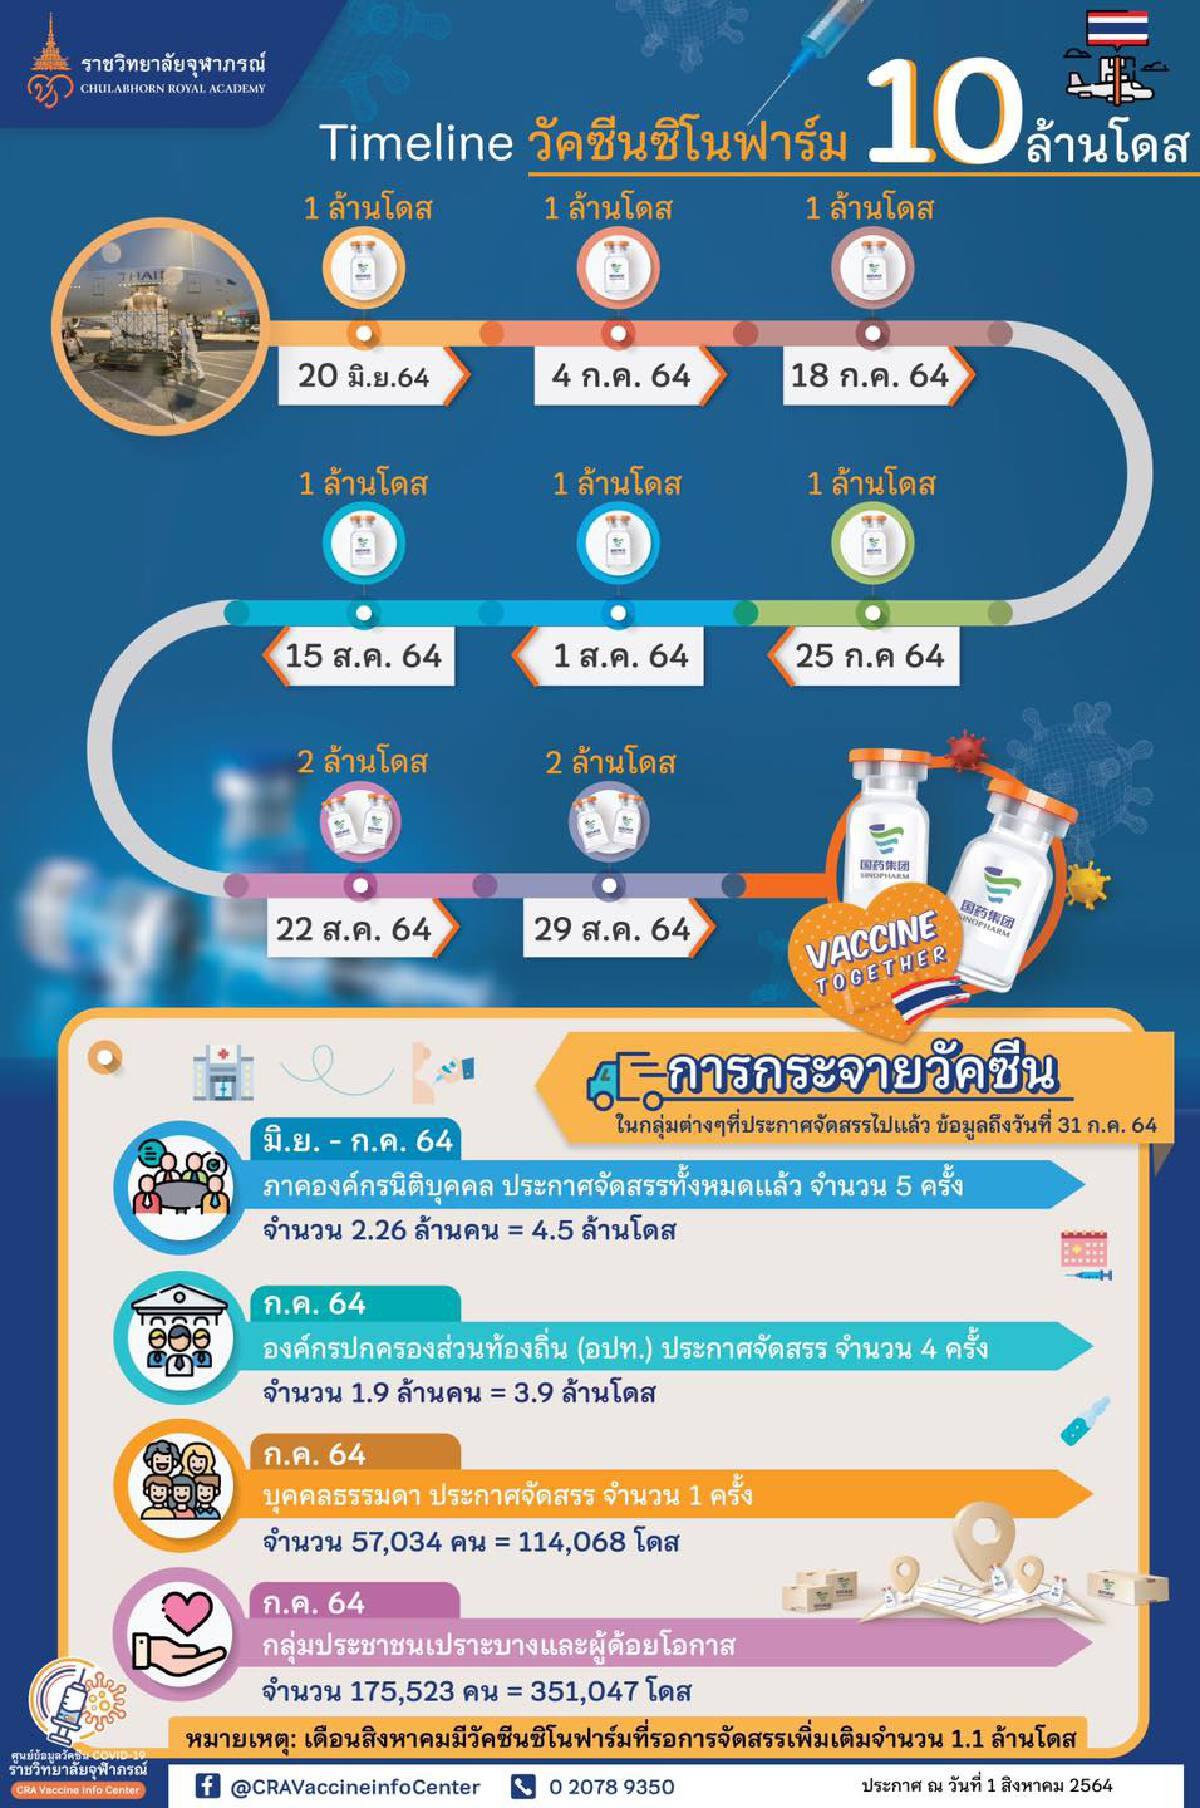 """ราชวิทยาลัยจุฬาภรณ์ แจงไทม์ไลน์ """"วัคซีนซิโนฟาร์ม"""" 10 ล้านโดสที่นำเข้าไทย"""